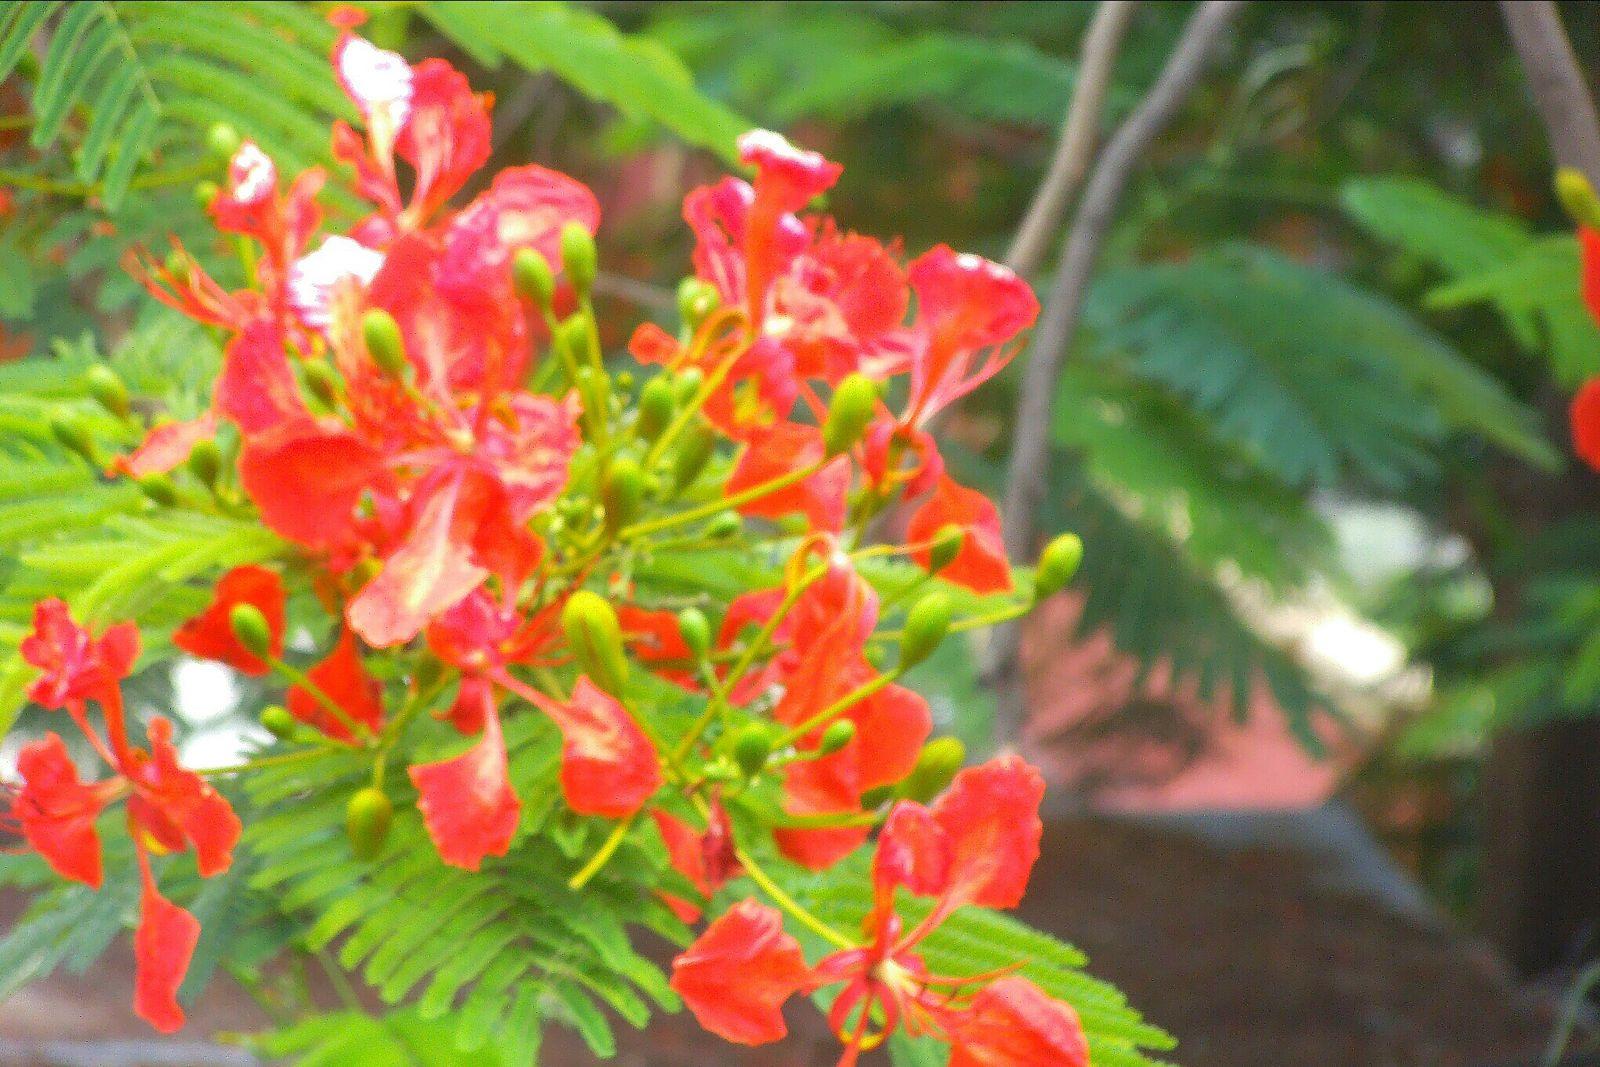 এই গ্রীষ্মের মাঝে যেন এক ছটাক বসন্ত., Taking Photos Udayan Upal_photography First Eyeem Photo